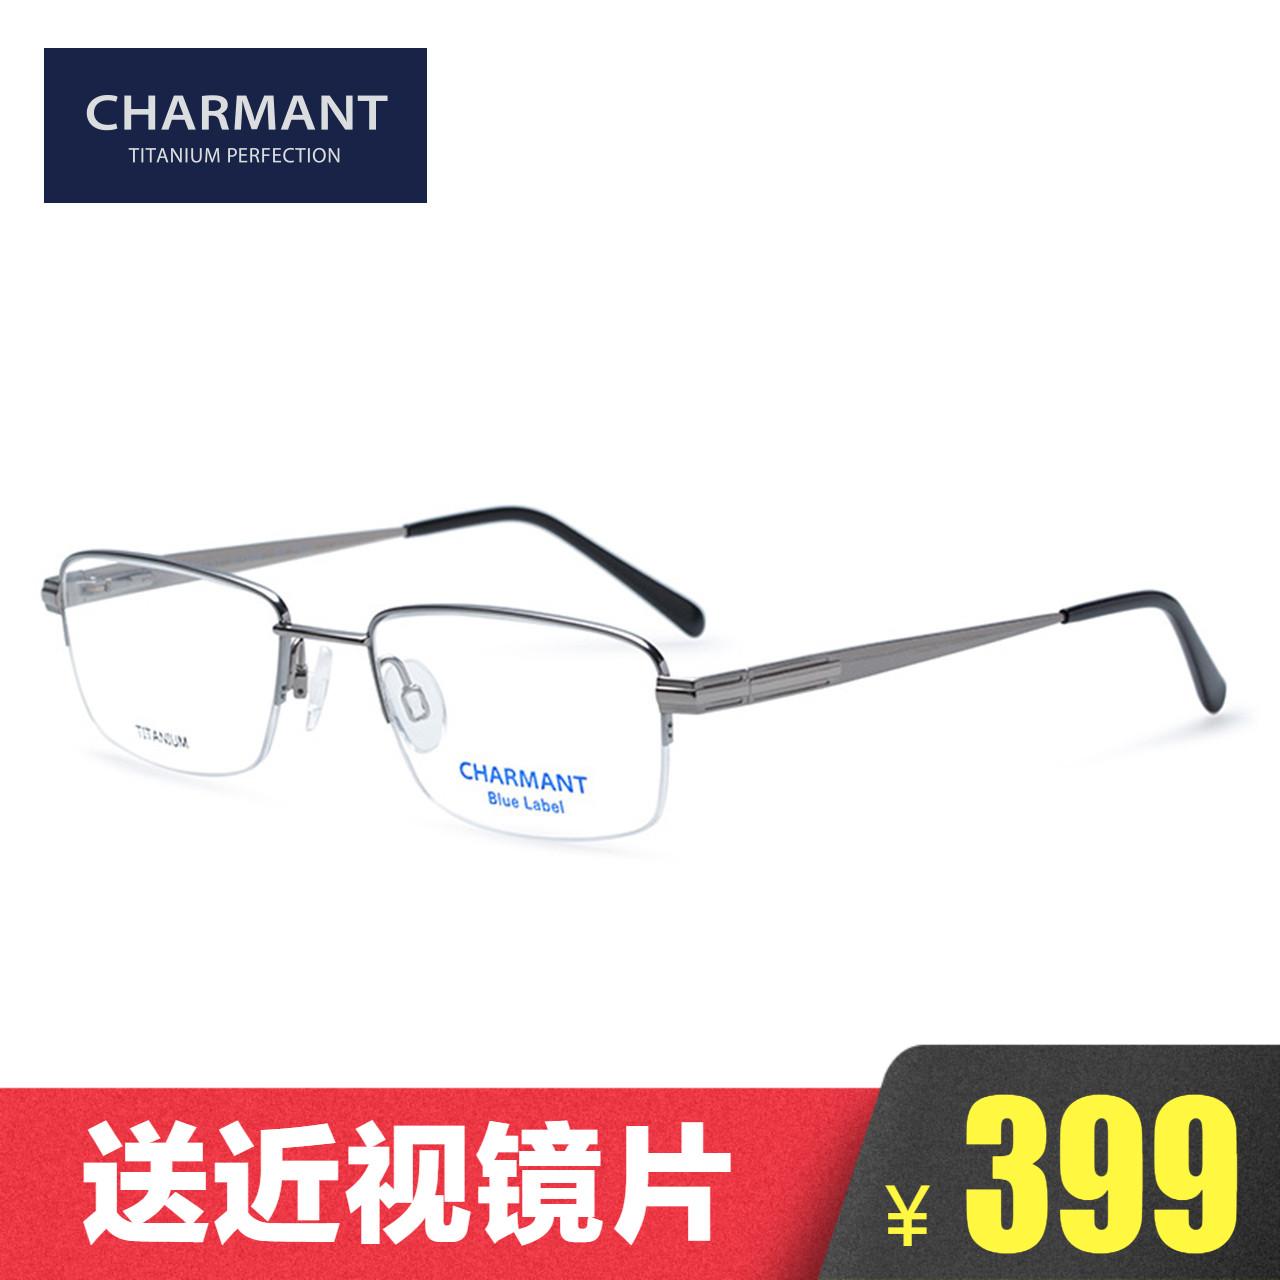 夏蒙男士眼镜框